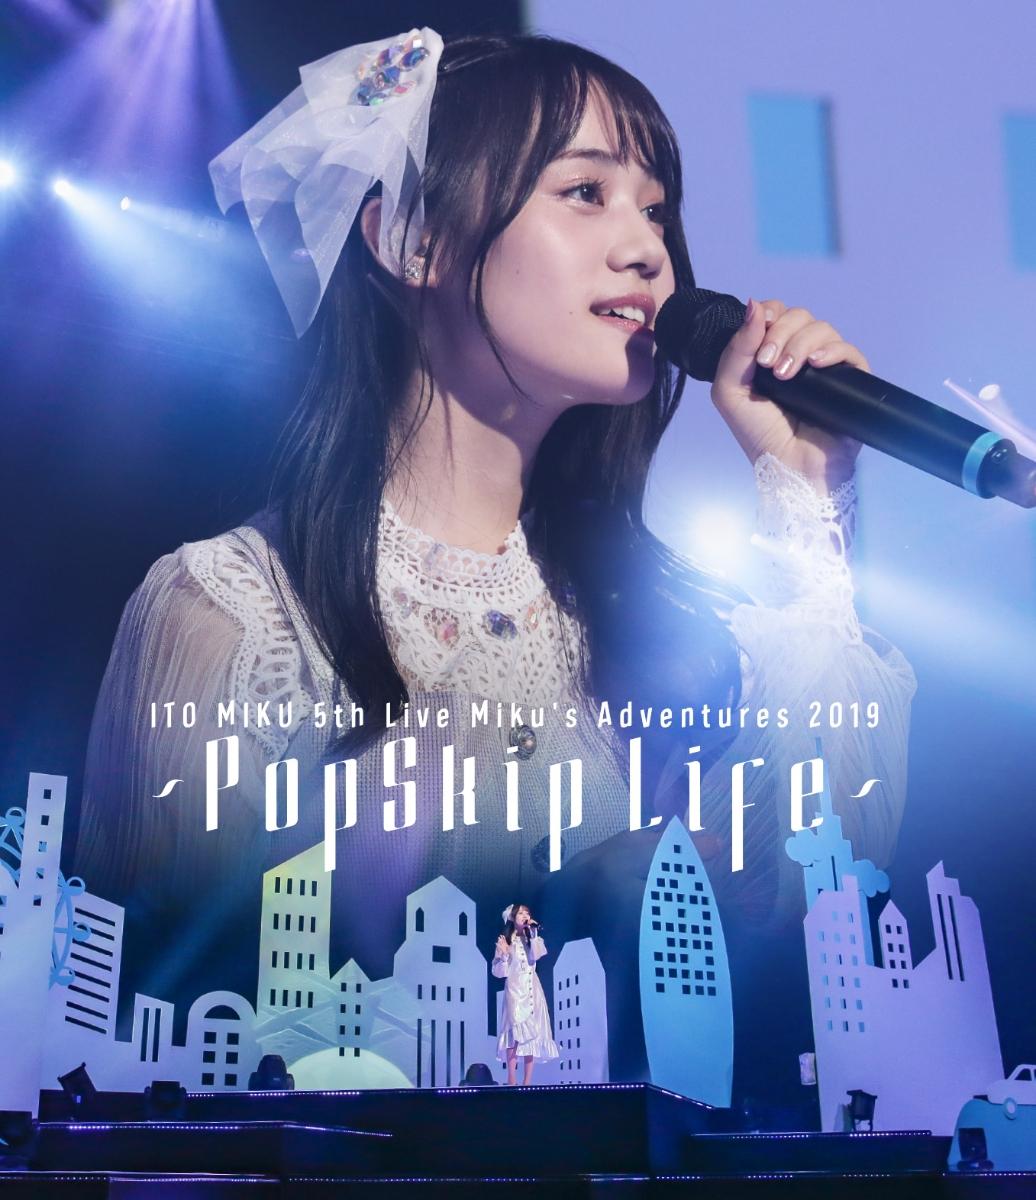 5,834円 ITO MIKU 5th Live Miku's Adventures 2019 〜PopSkip Life〜【Blu-ray】